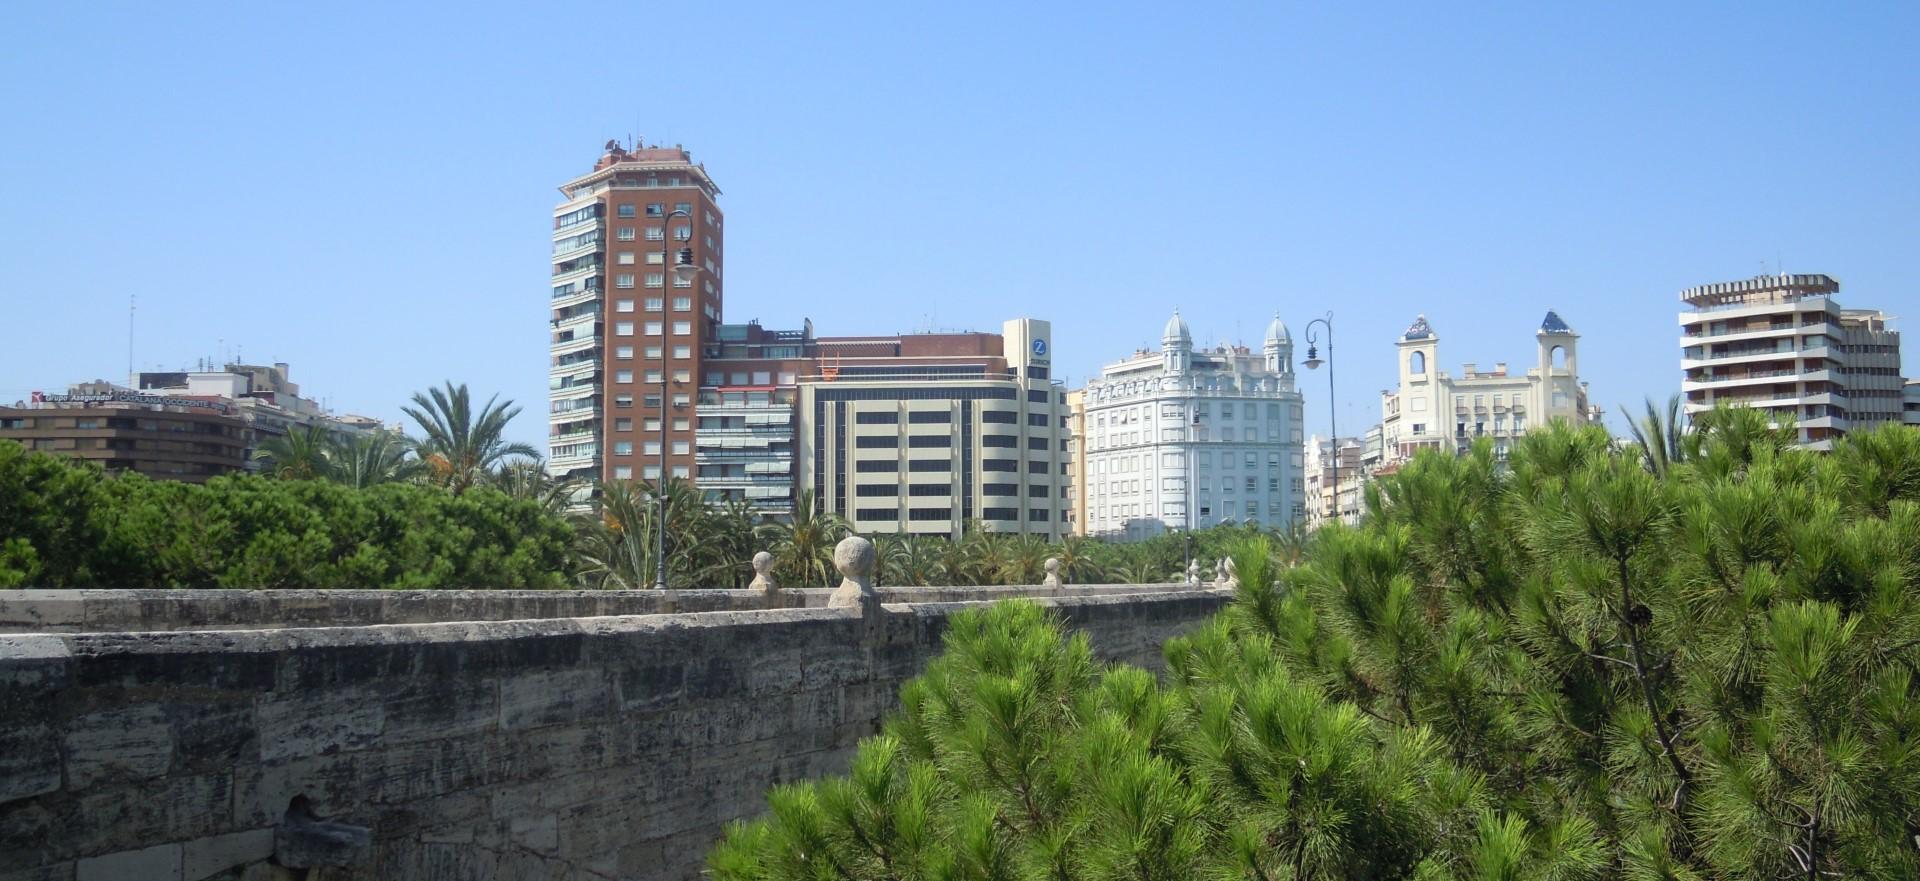 Edificio America in Valencia panoramical view